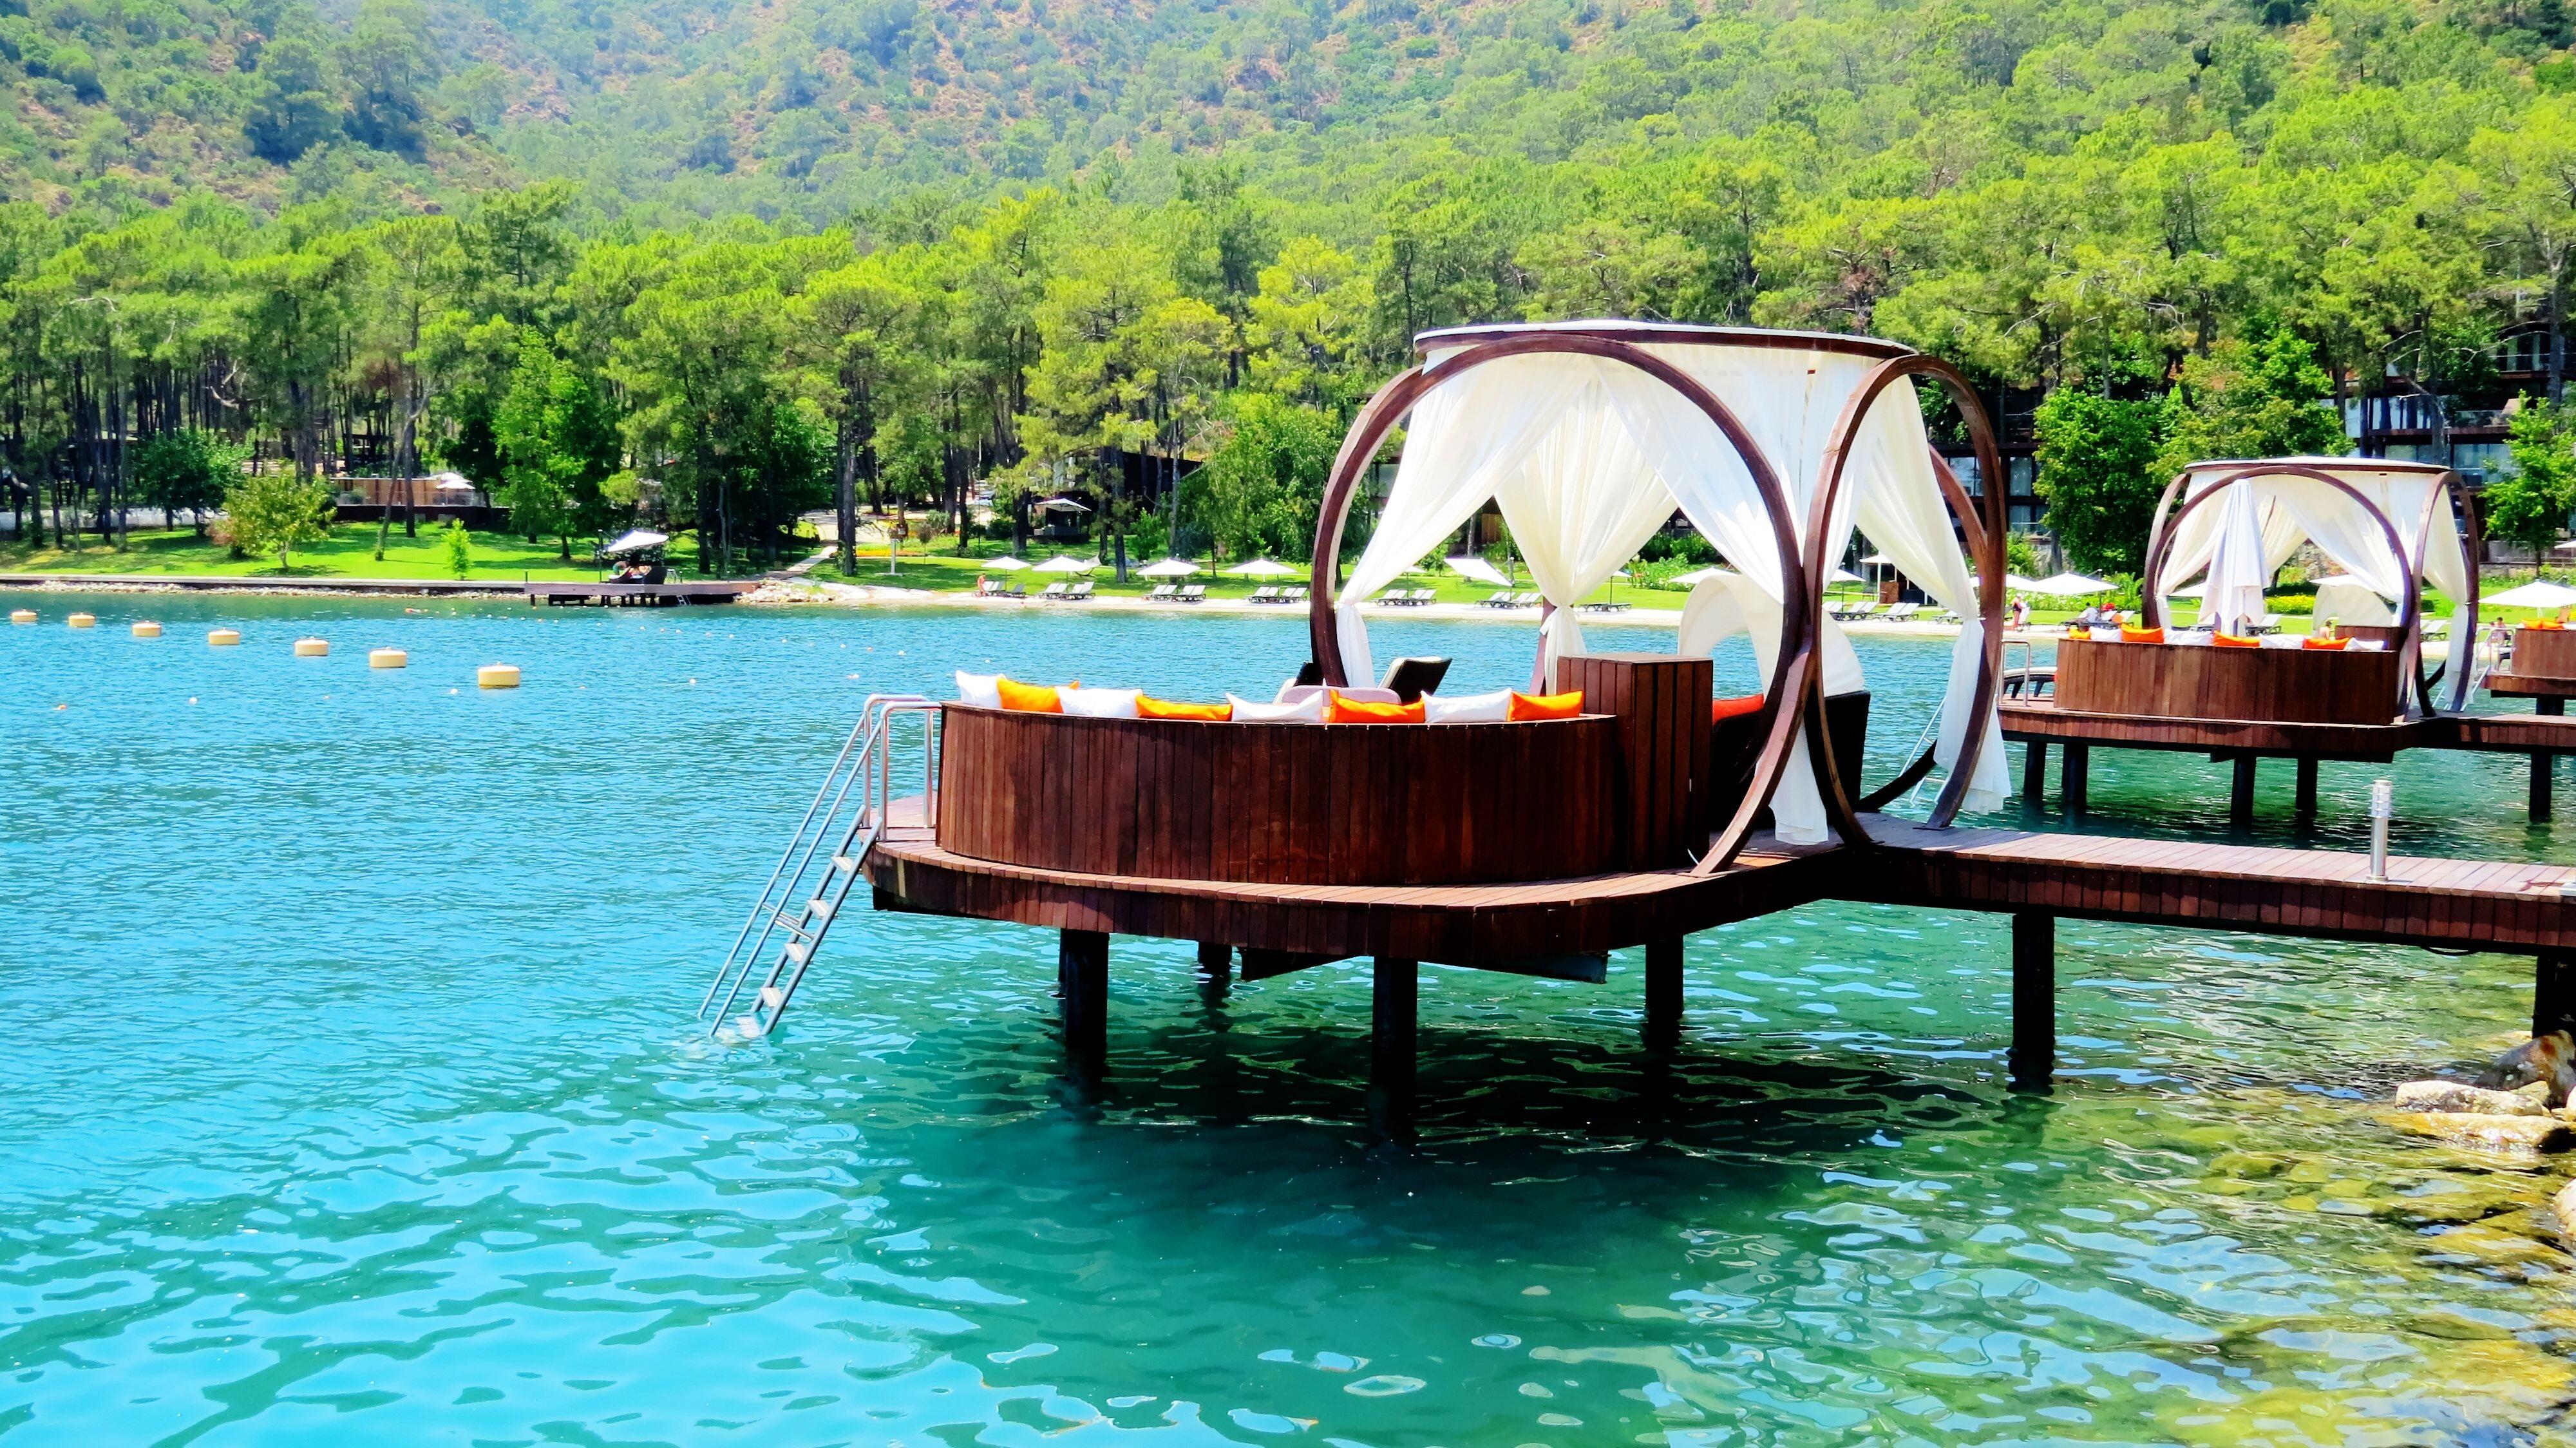 لیست بهترین هتل های ویژه بزرگسالان بالای ۱۶ سال در ترکیه